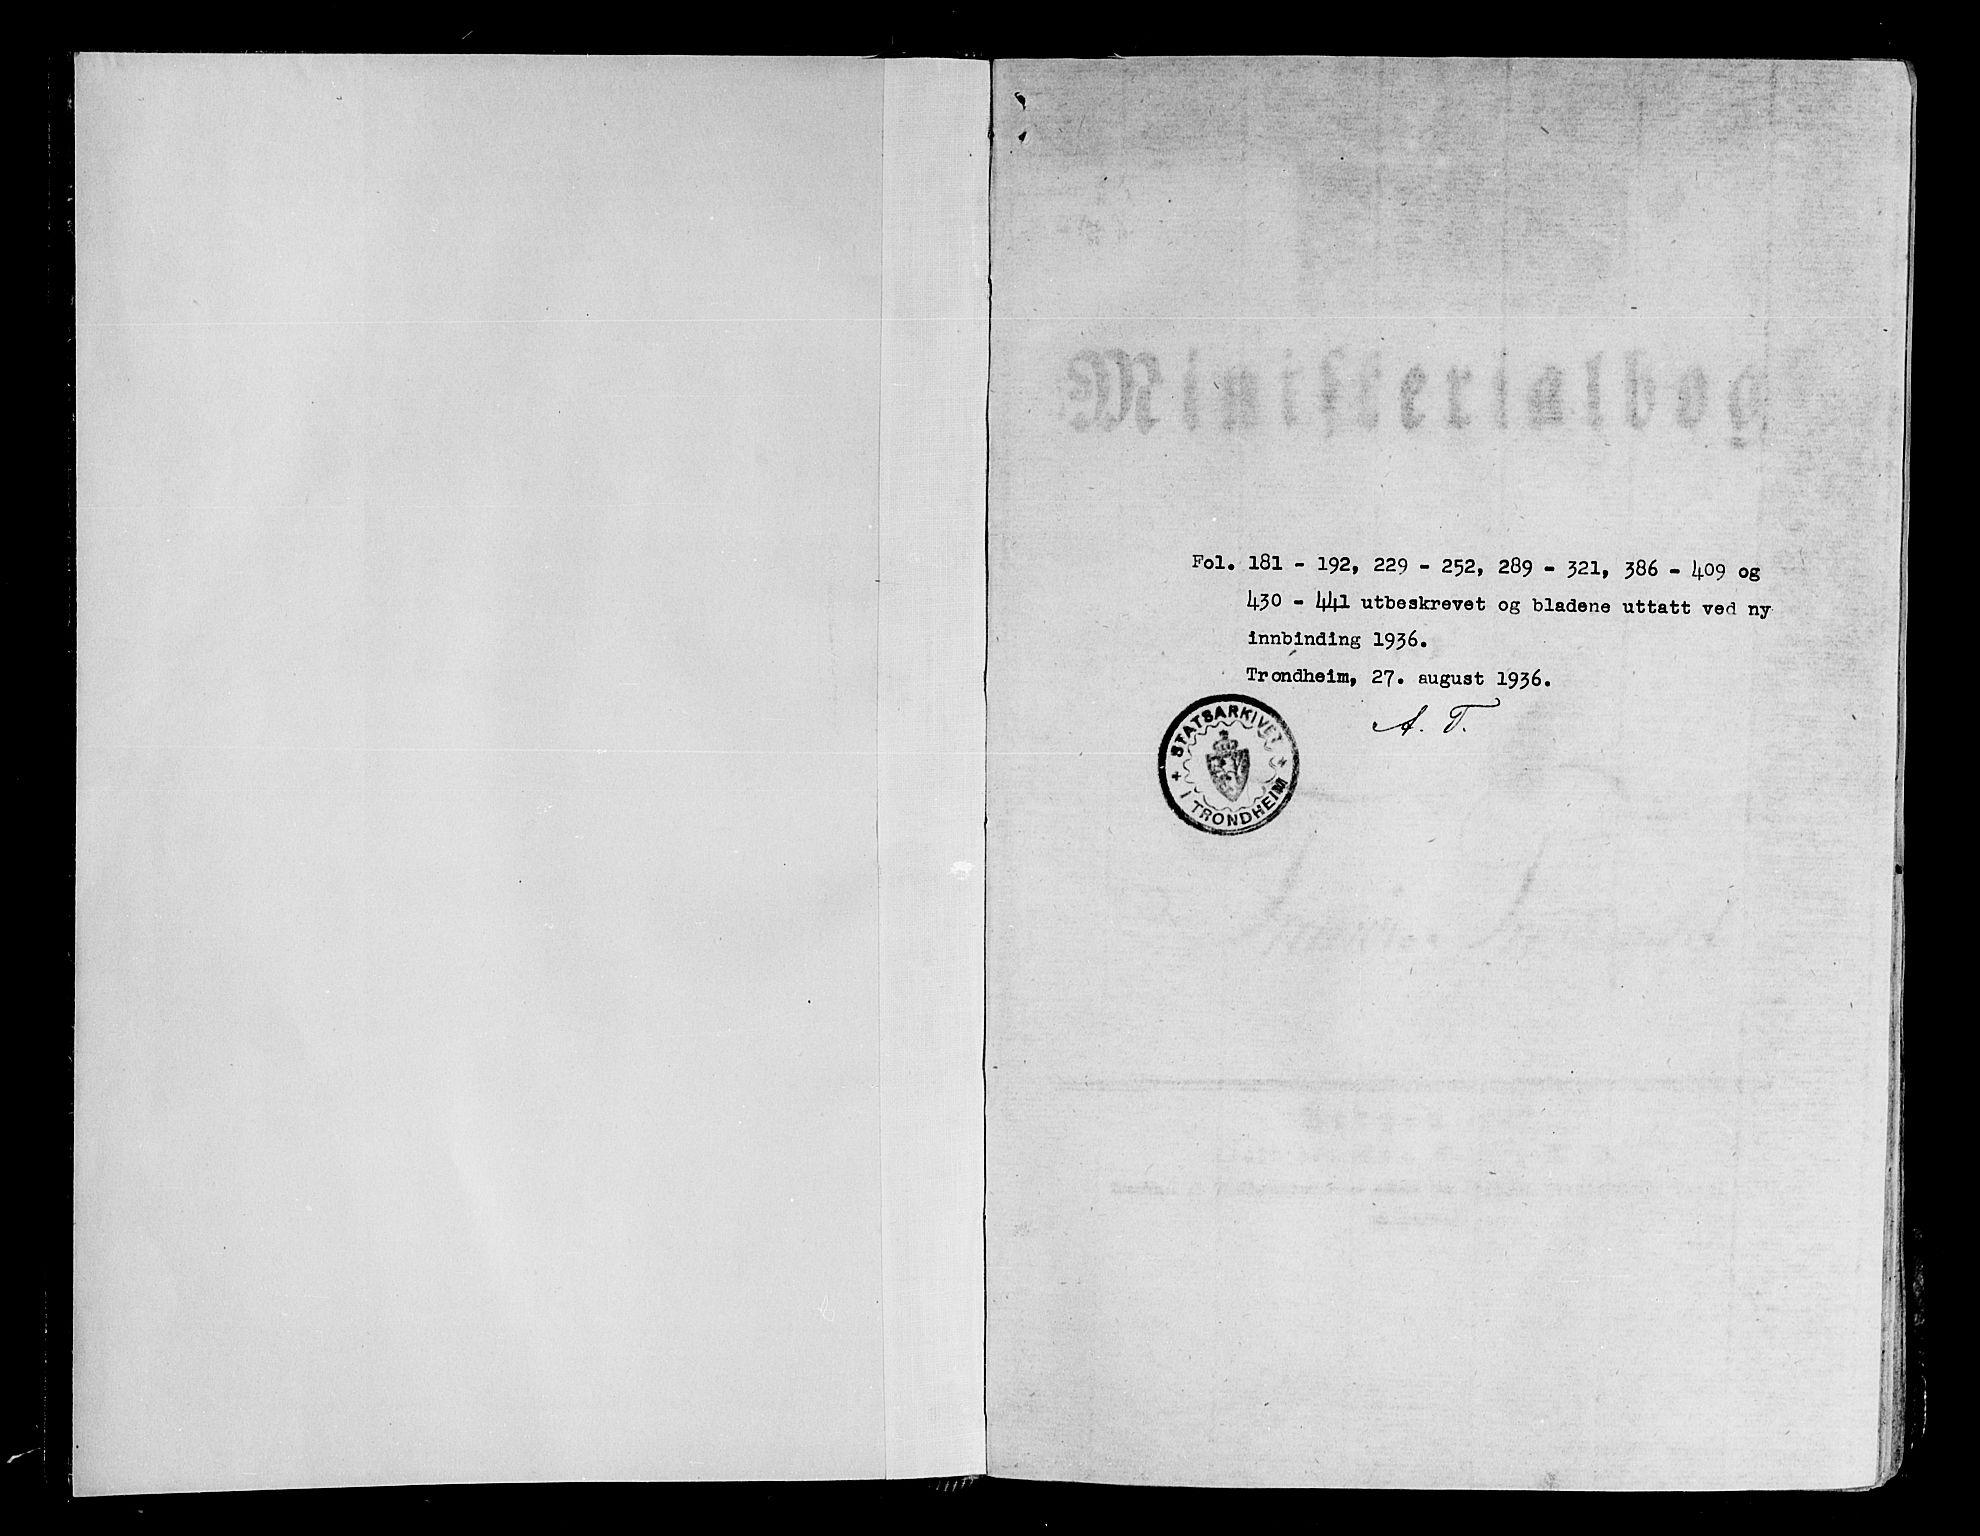 SATØ, Tranøy sokneprestkontor, I/Ia/Iaa/L0005kirke: Parish register (official) no. 5, 1829-1844